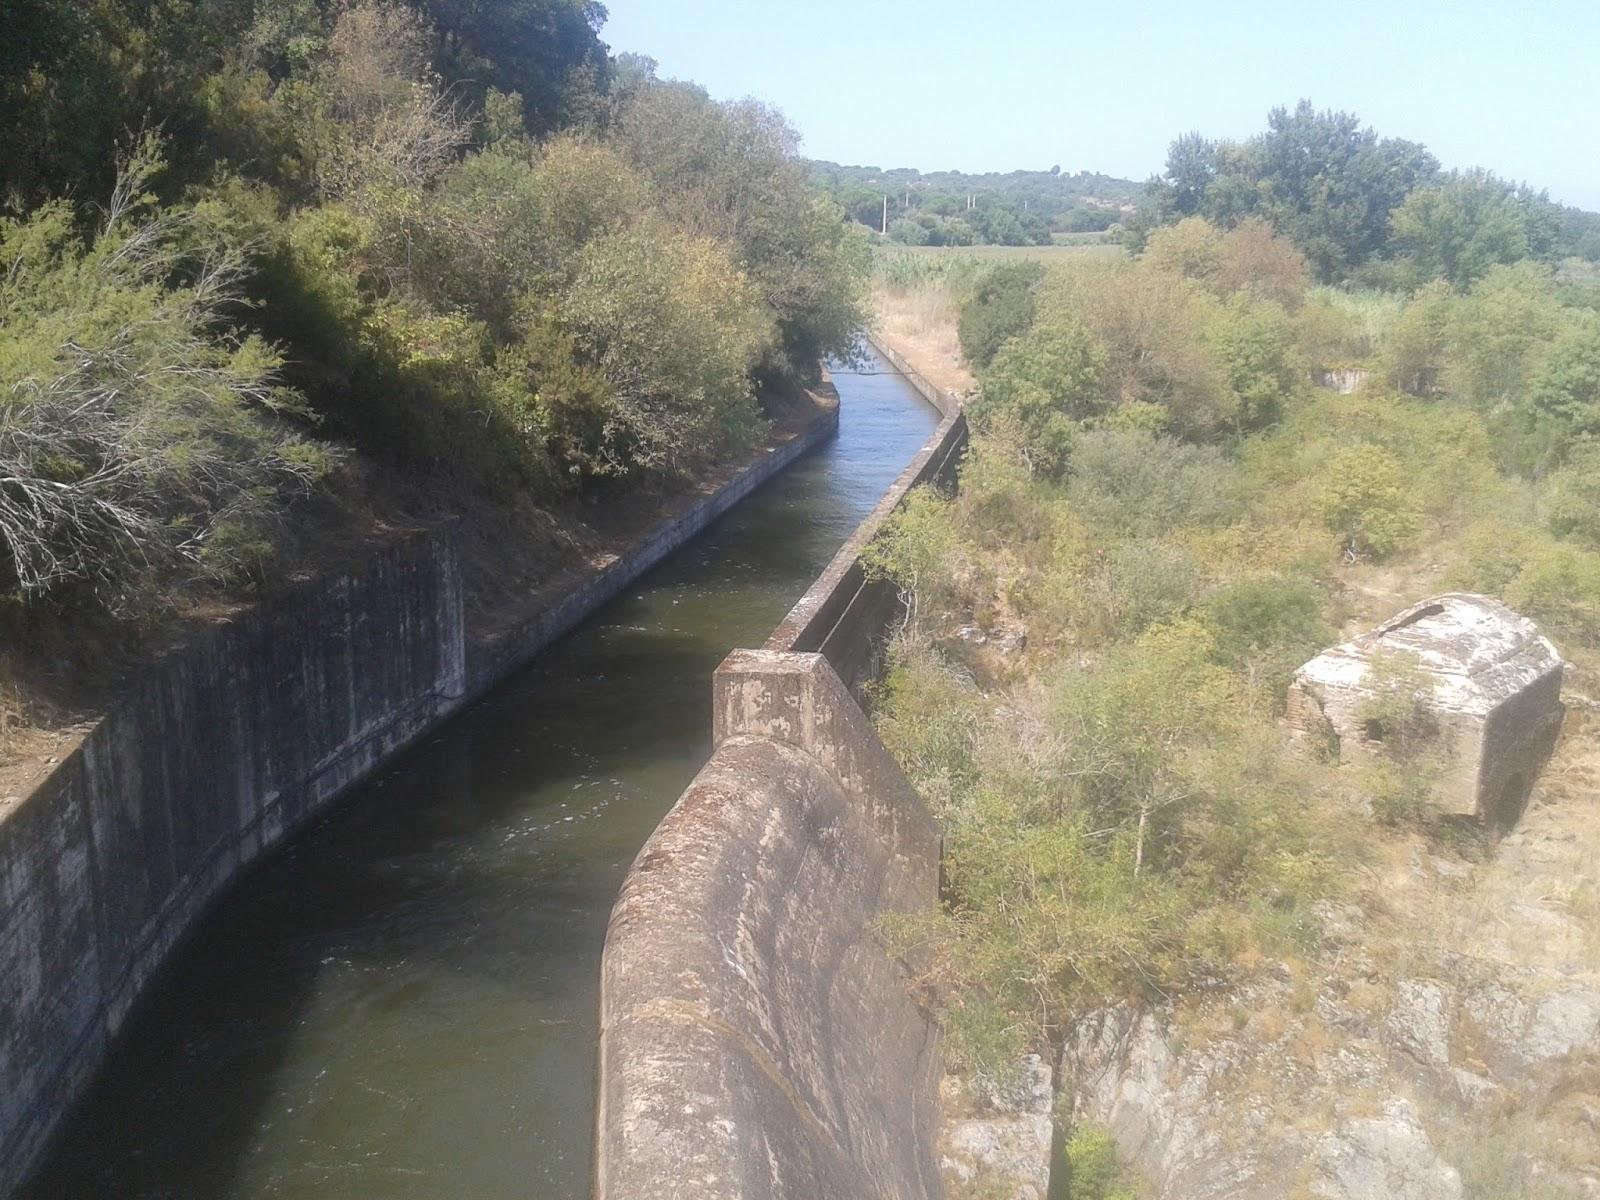 Inicio do canal do Sorraia